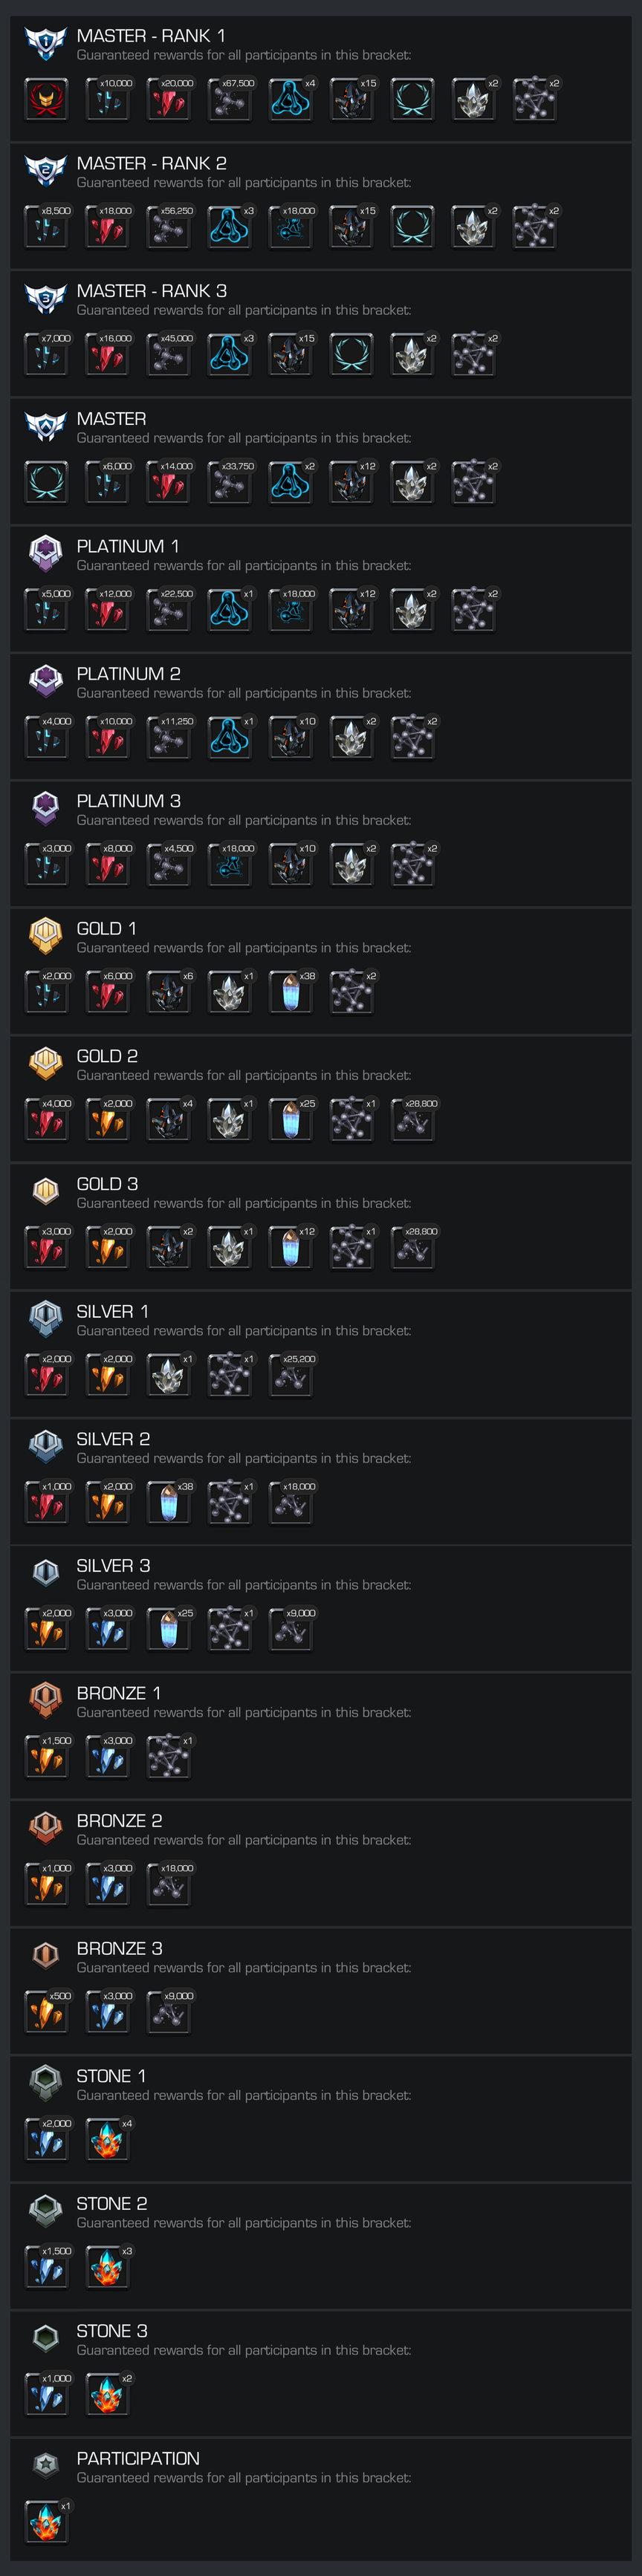 Les Saisons des guerre d'alliance Xng4nix8ibke